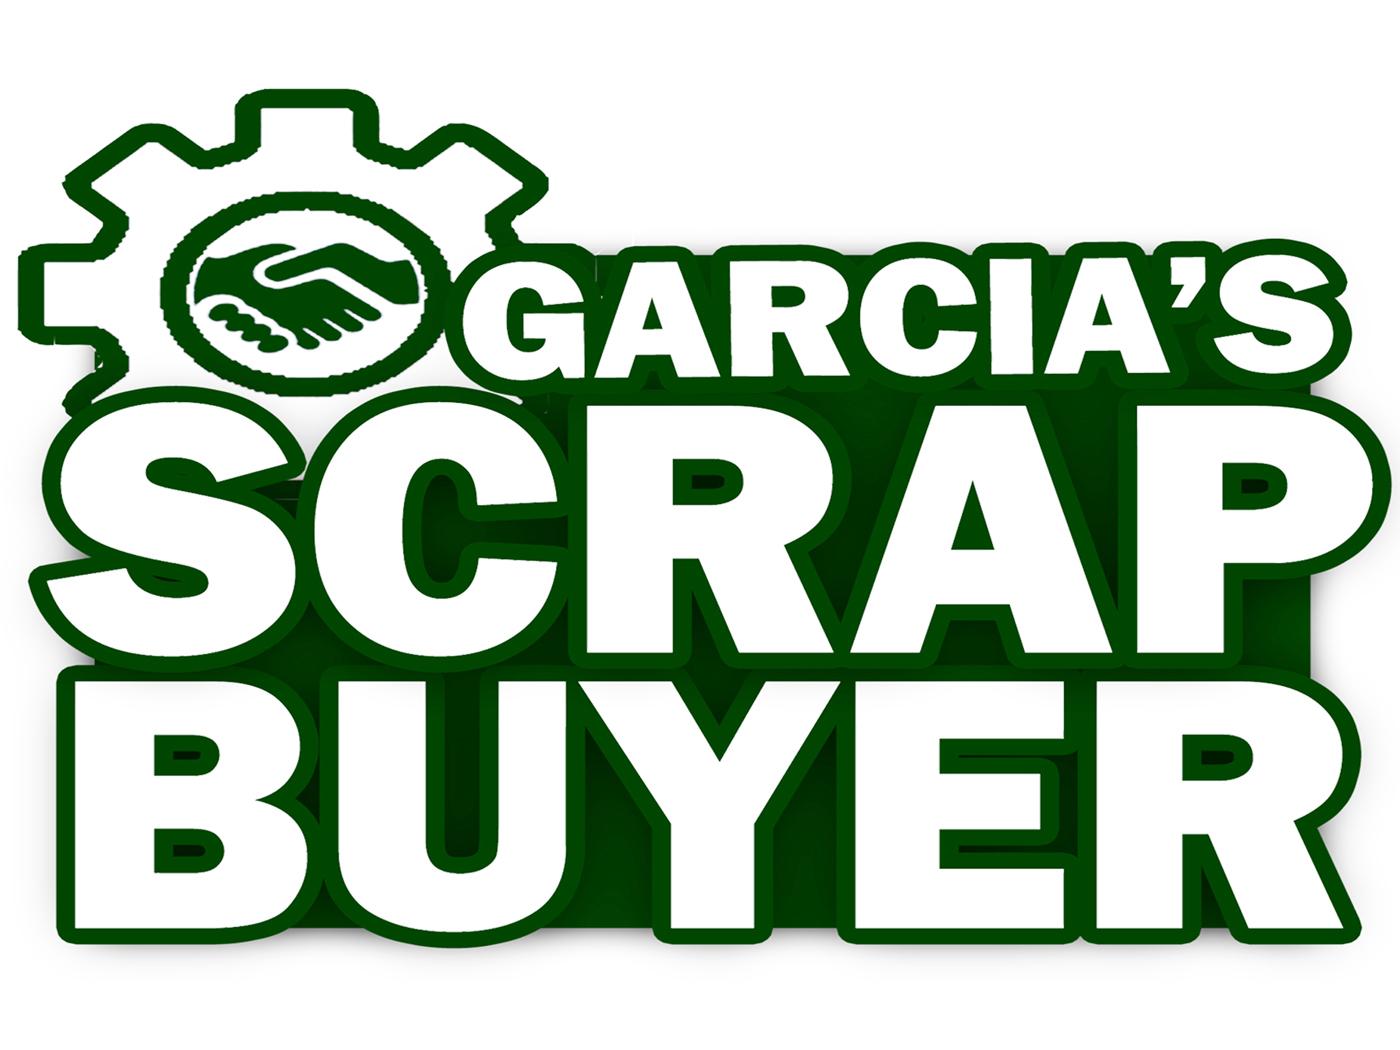 JGARCIA SCRAP MATERIALS TRADING